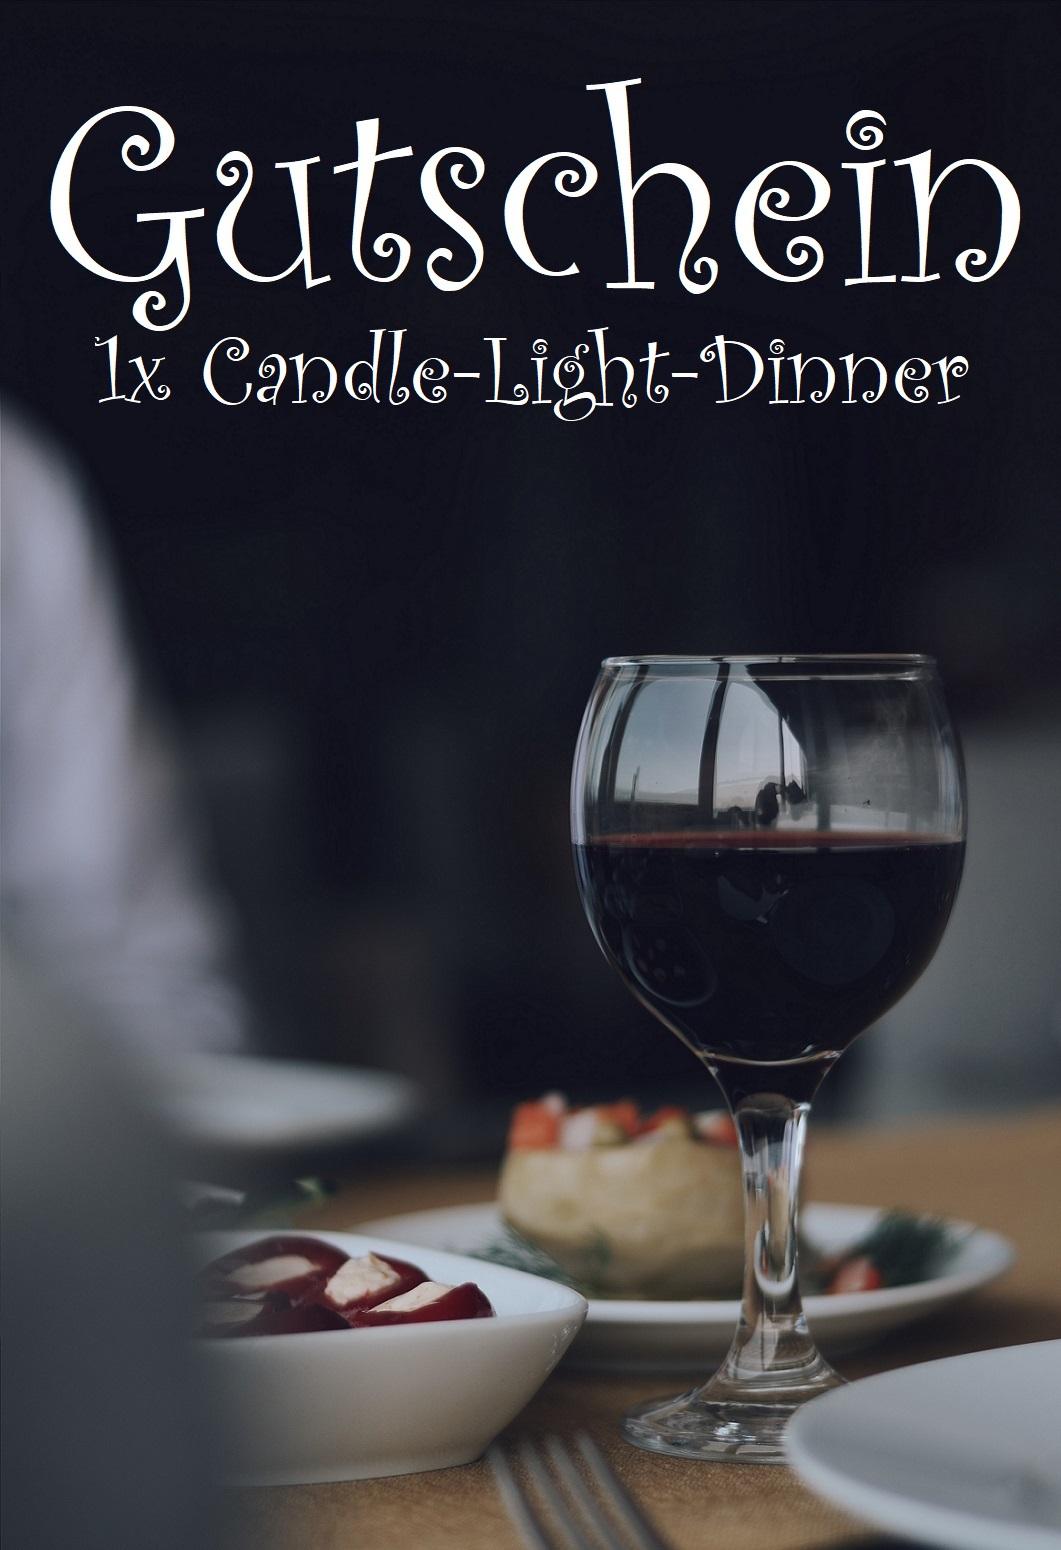 Candle machen gutschein light dinner selber Gutschein für